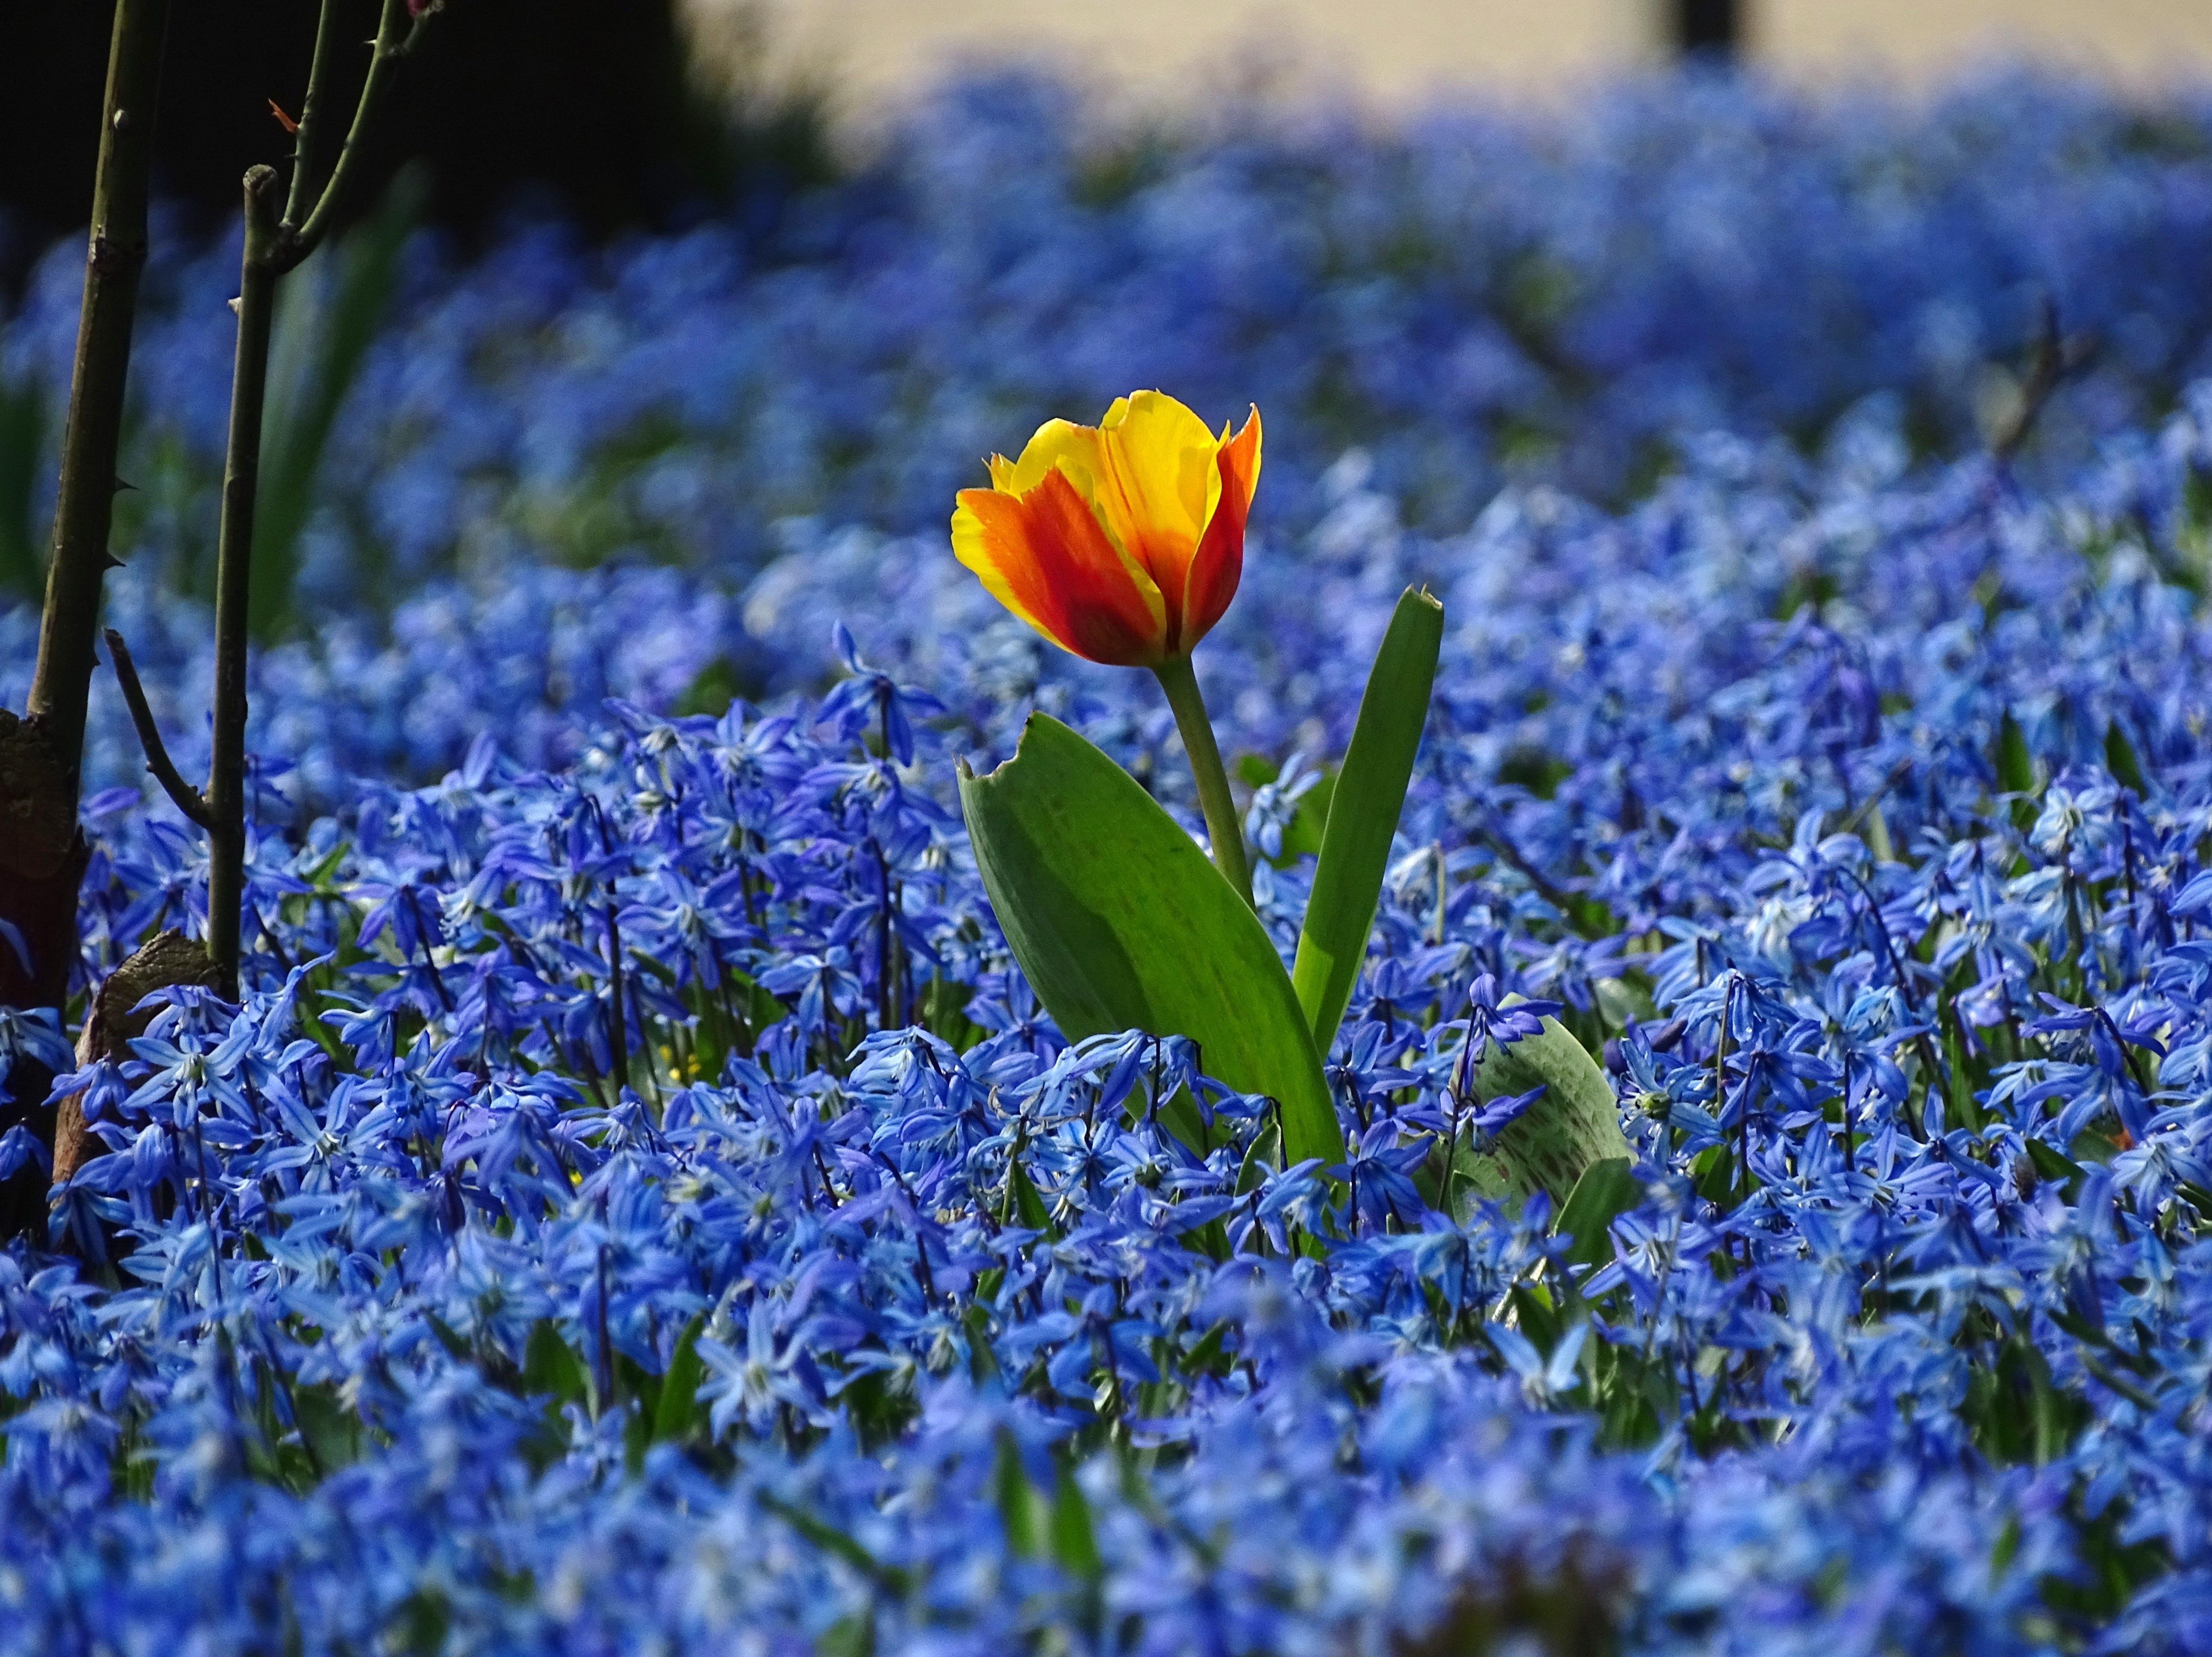 Oma Flower Blue und Rebecca Volpetti lutschen mehrere Schwänze